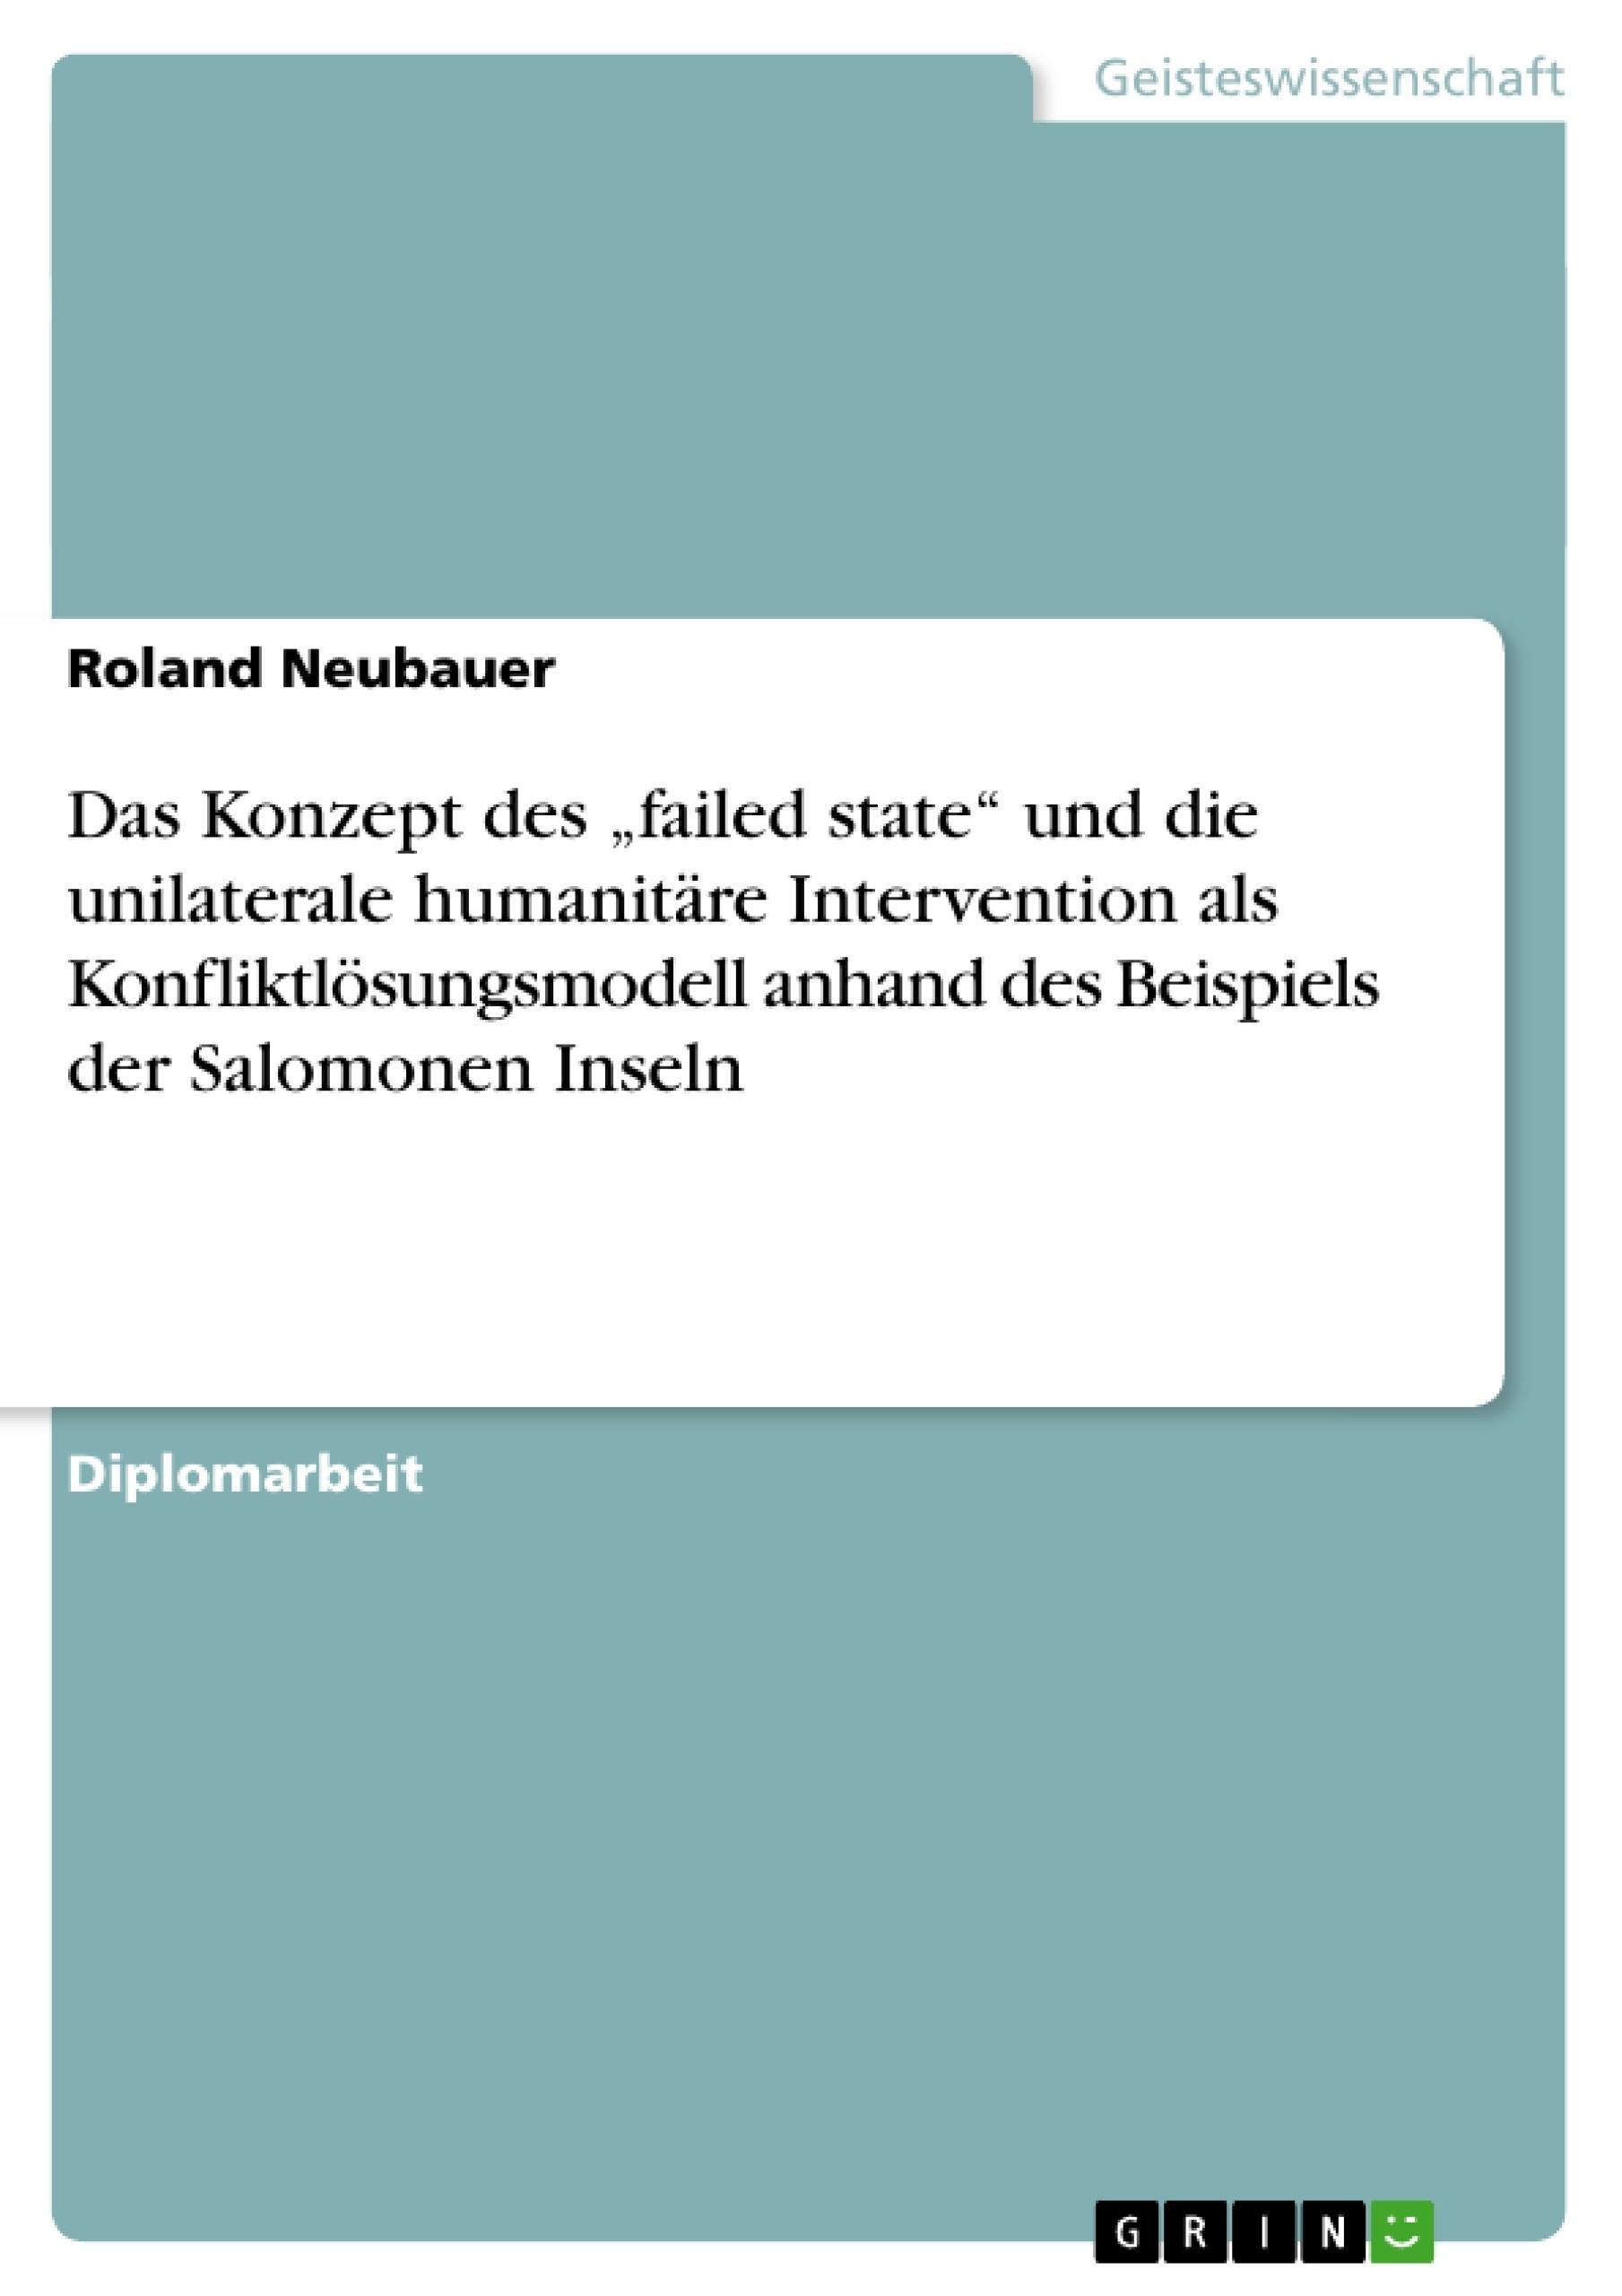 """Titel: Das Konzept des """"failed state"""" und die unilaterale humanitäre Intervention als Konfliktlösungsmodell anhand des Beispiels der Salomonen Inseln"""